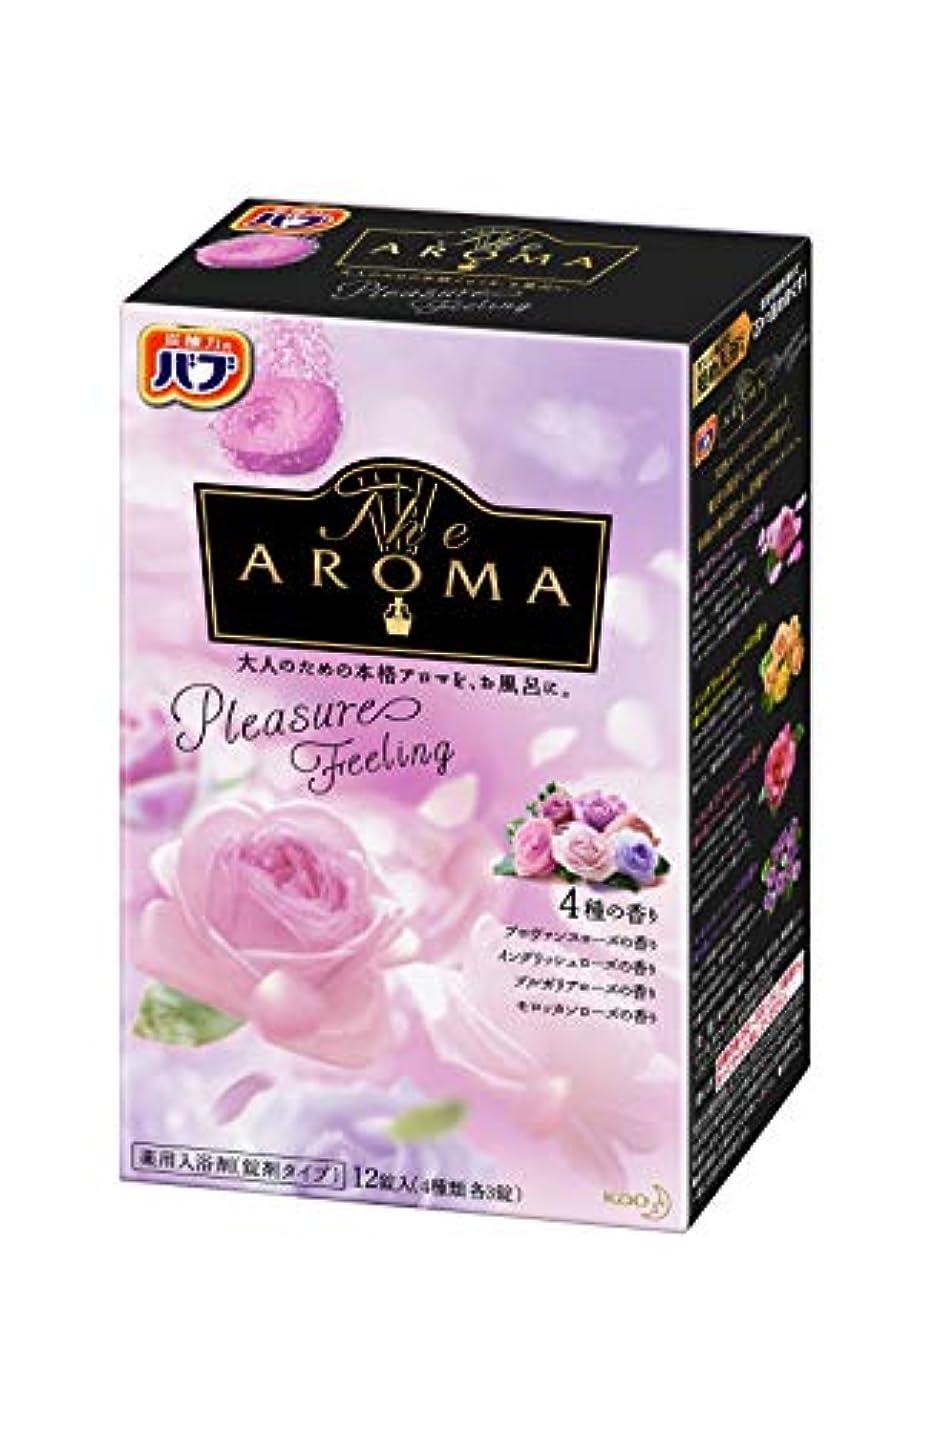 ステッチウェブラックバブ The Aroma Pleasure Feeling 12錠入 (4種類各3錠入)